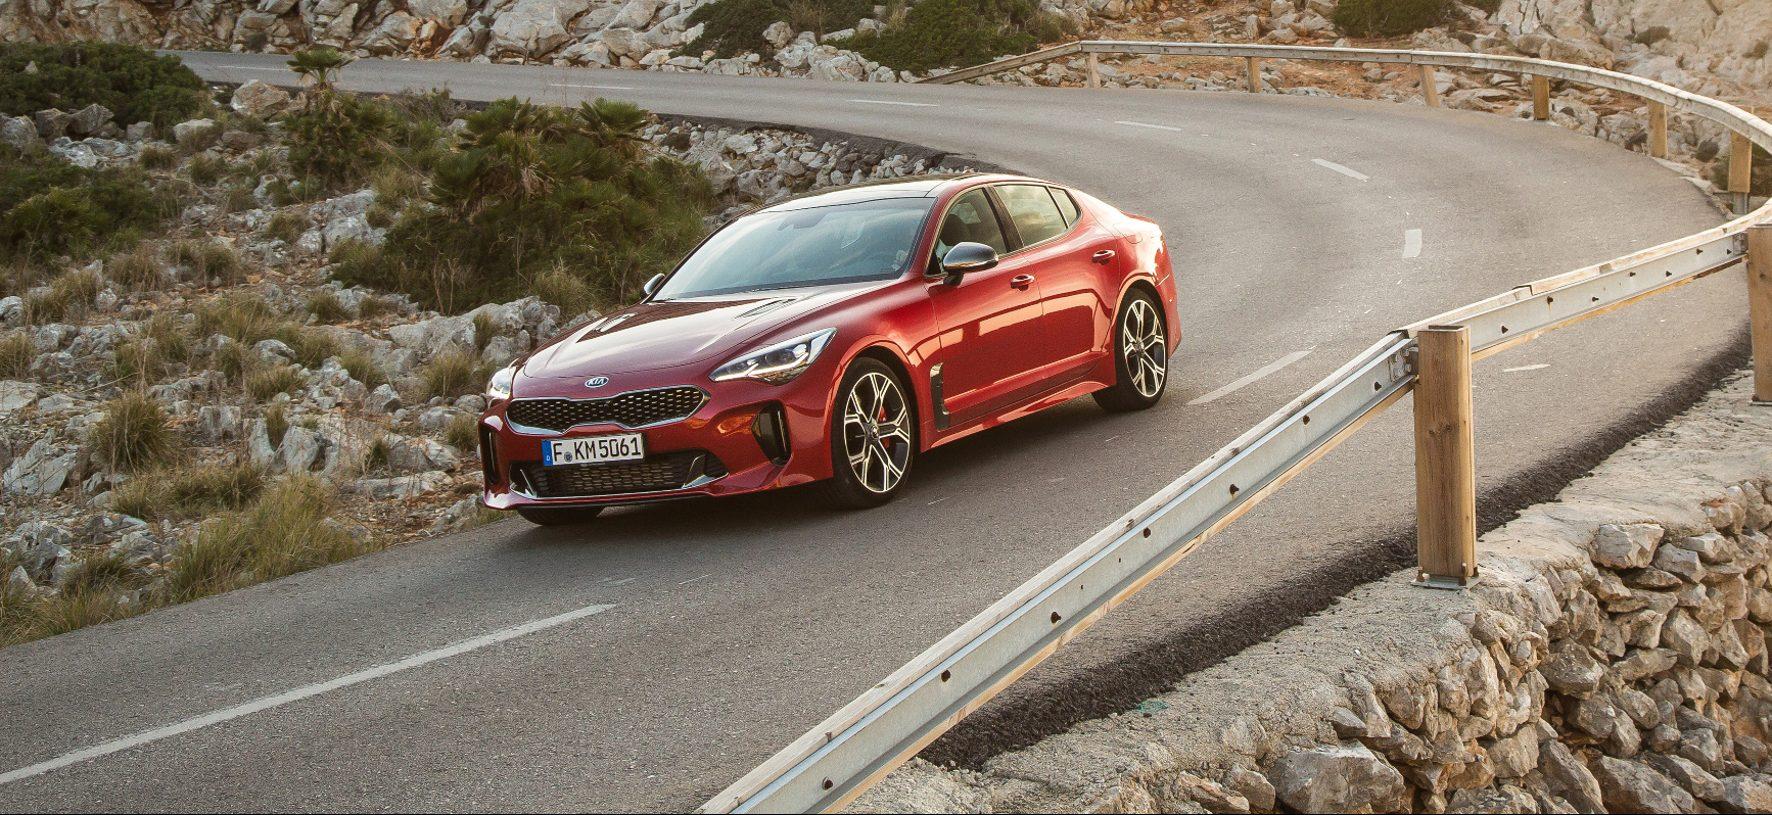 Kia bietet zum GT Alternativen. Die Vierzylinder Varianten haben 200 PS (Diesel) oder 245 PS (Benziner).